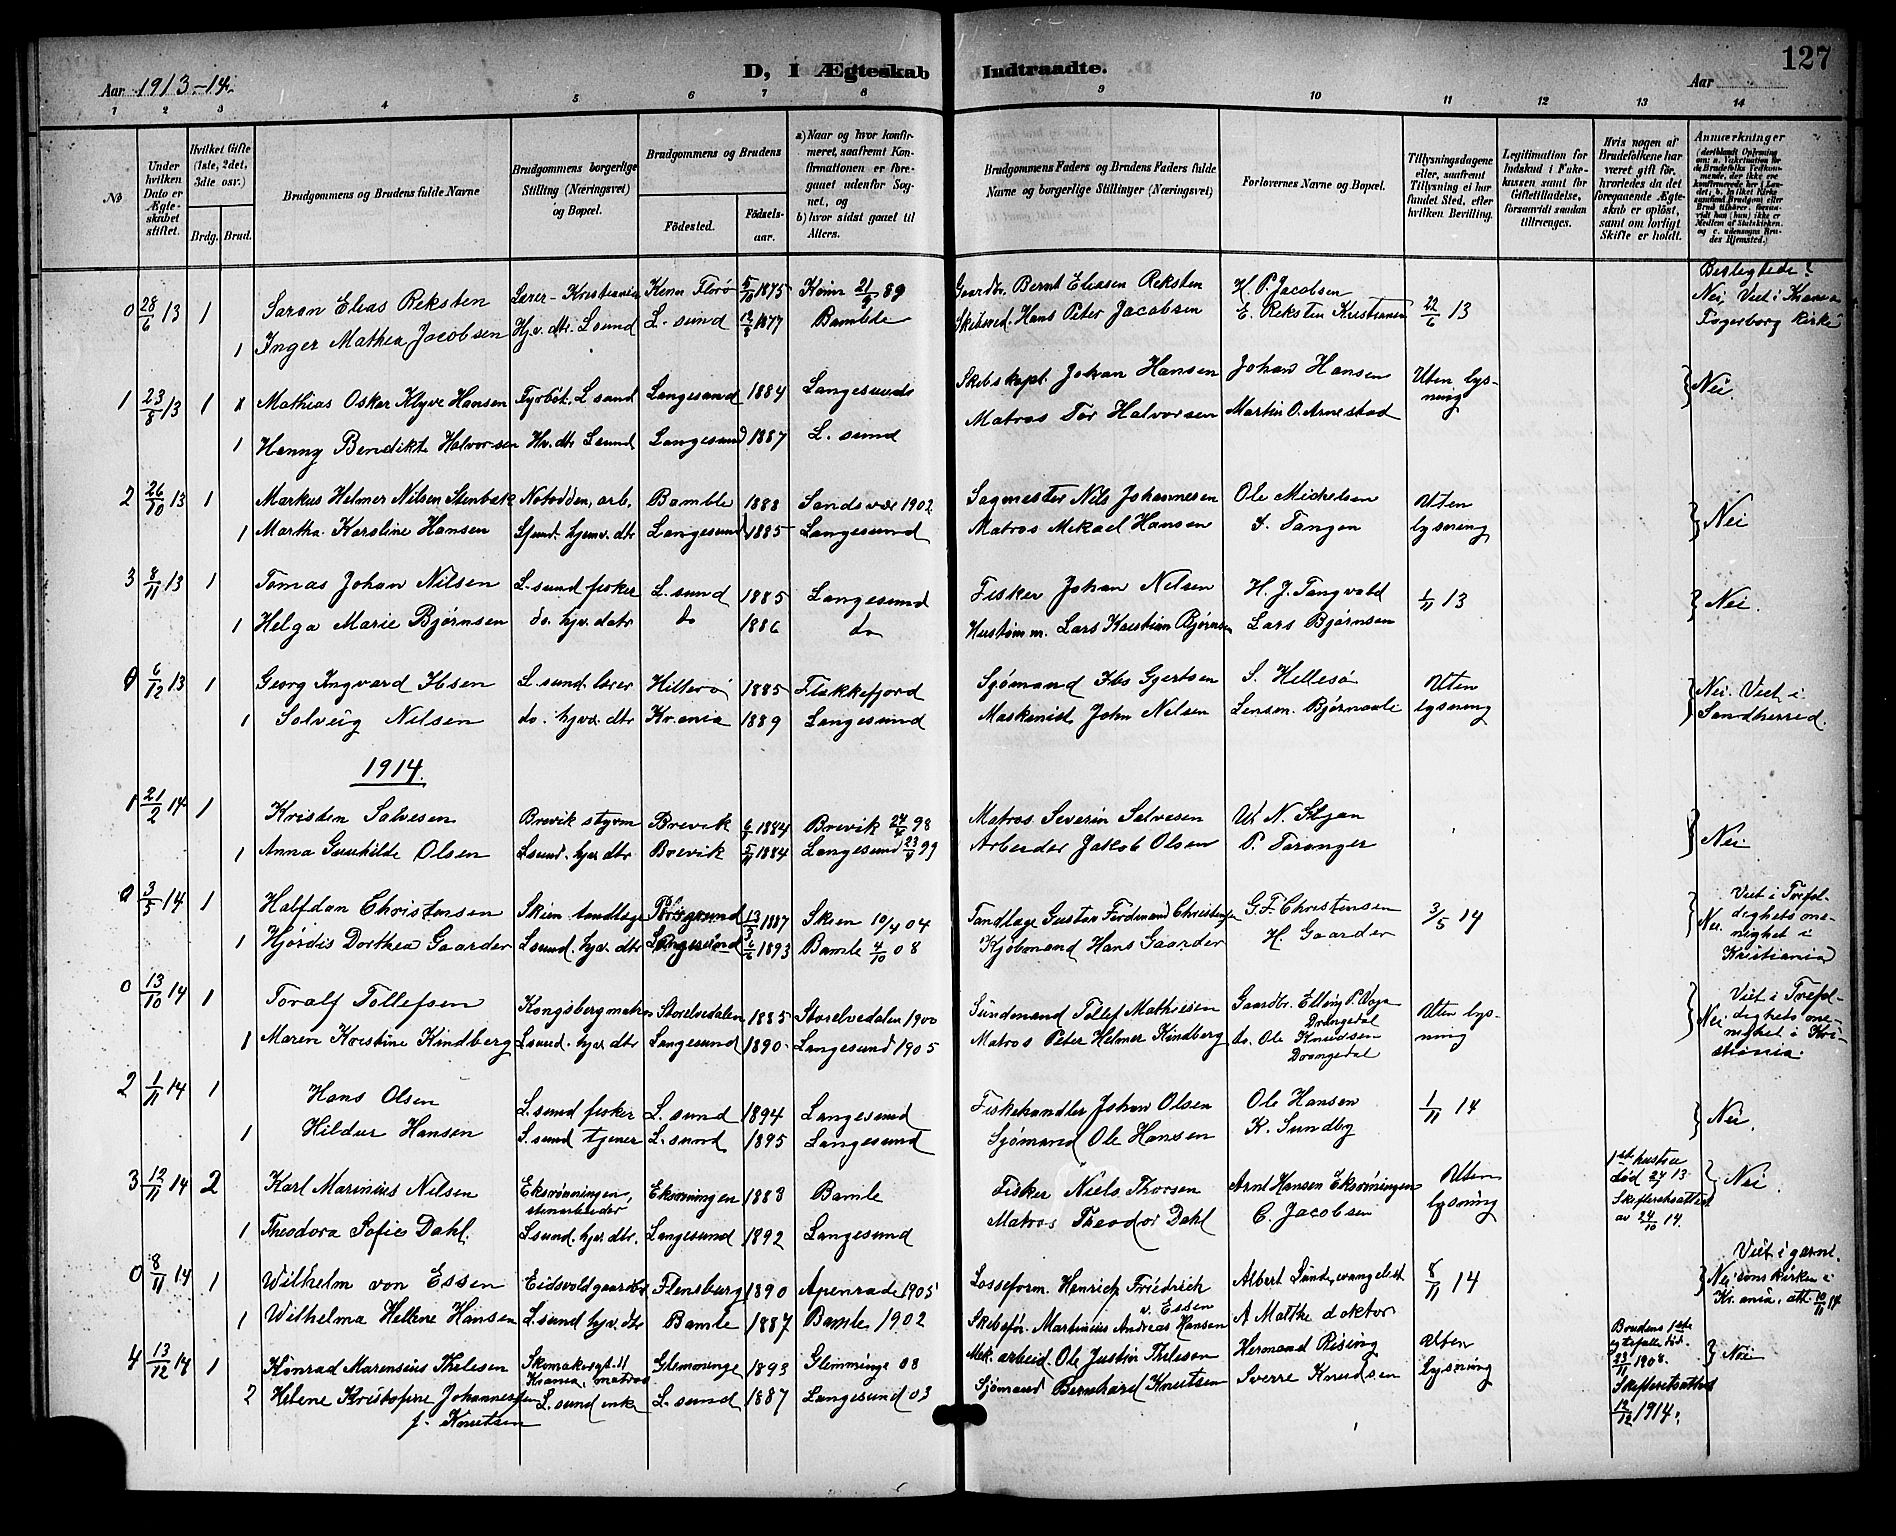 SAKO, Langesund kirkebøker, G/Ga/L0006: Klokkerbok nr. 6, 1899-1918, s. 127